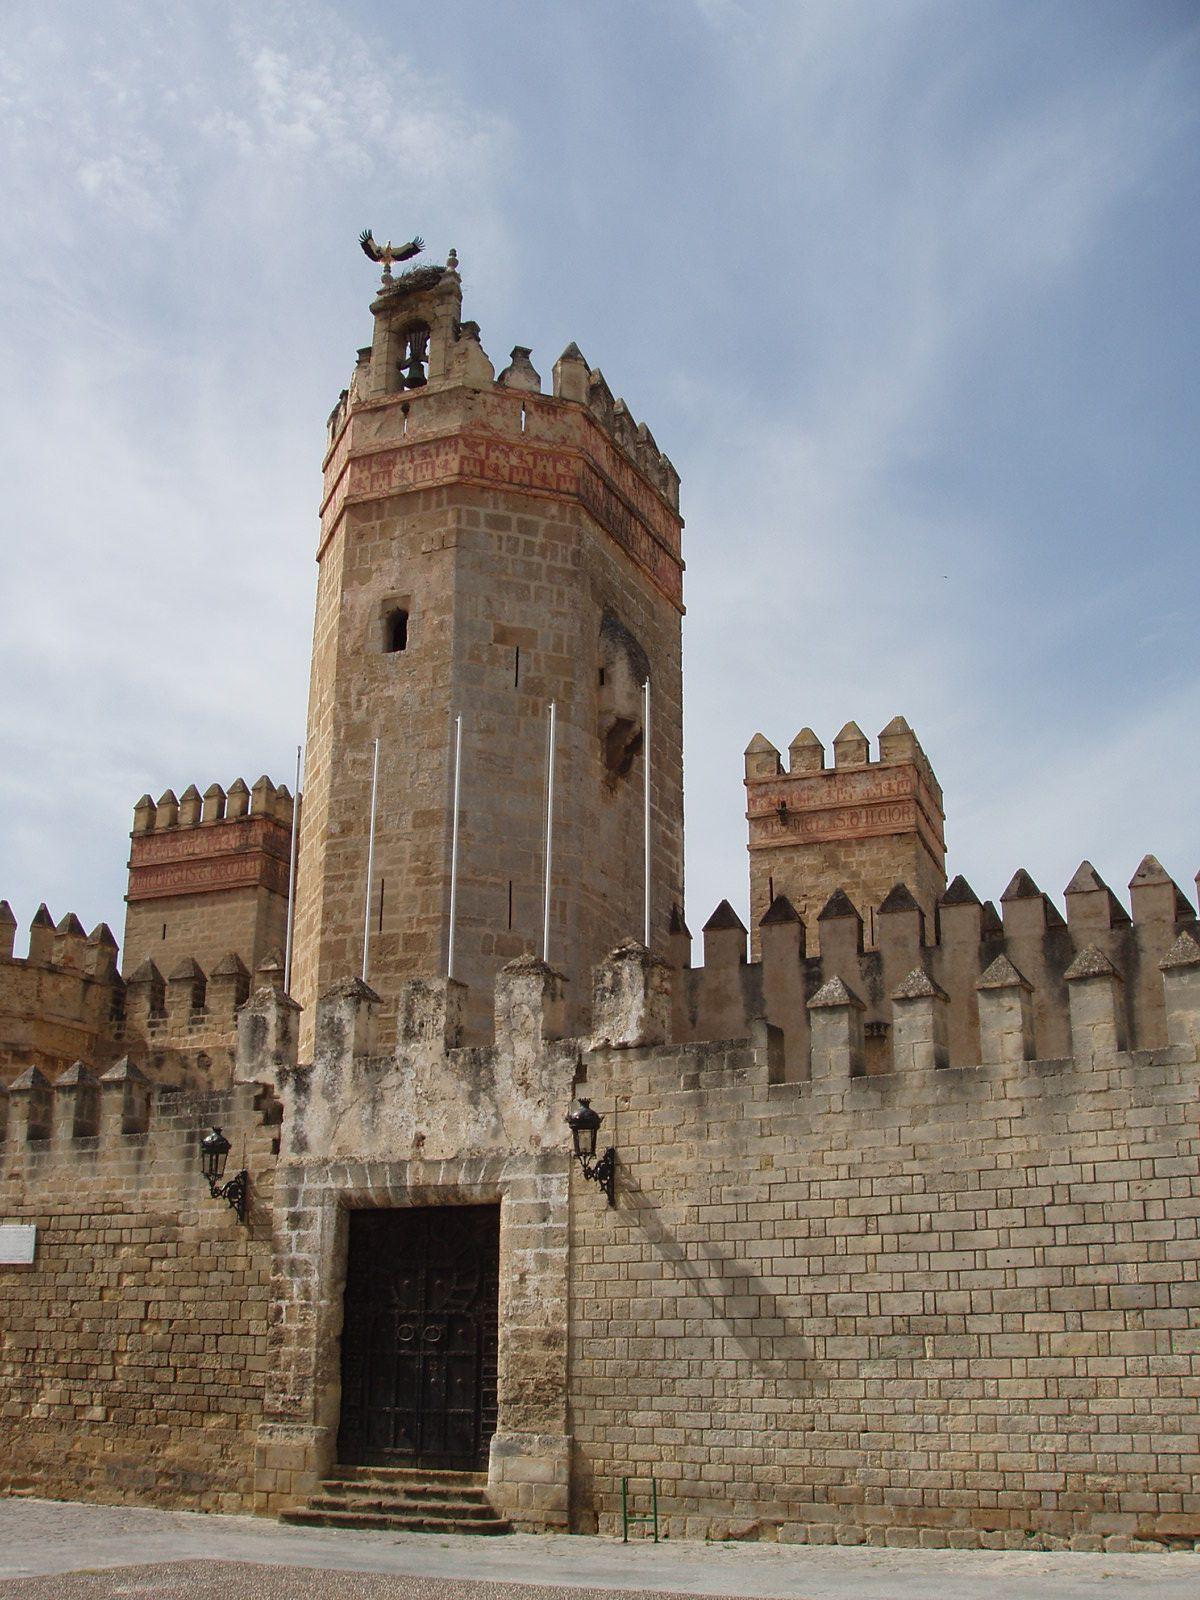 Castillo de san marcos el puerto de santa mar a c diz andalucia espa a a todo color - Tren el puerto de santa maria madrid ...